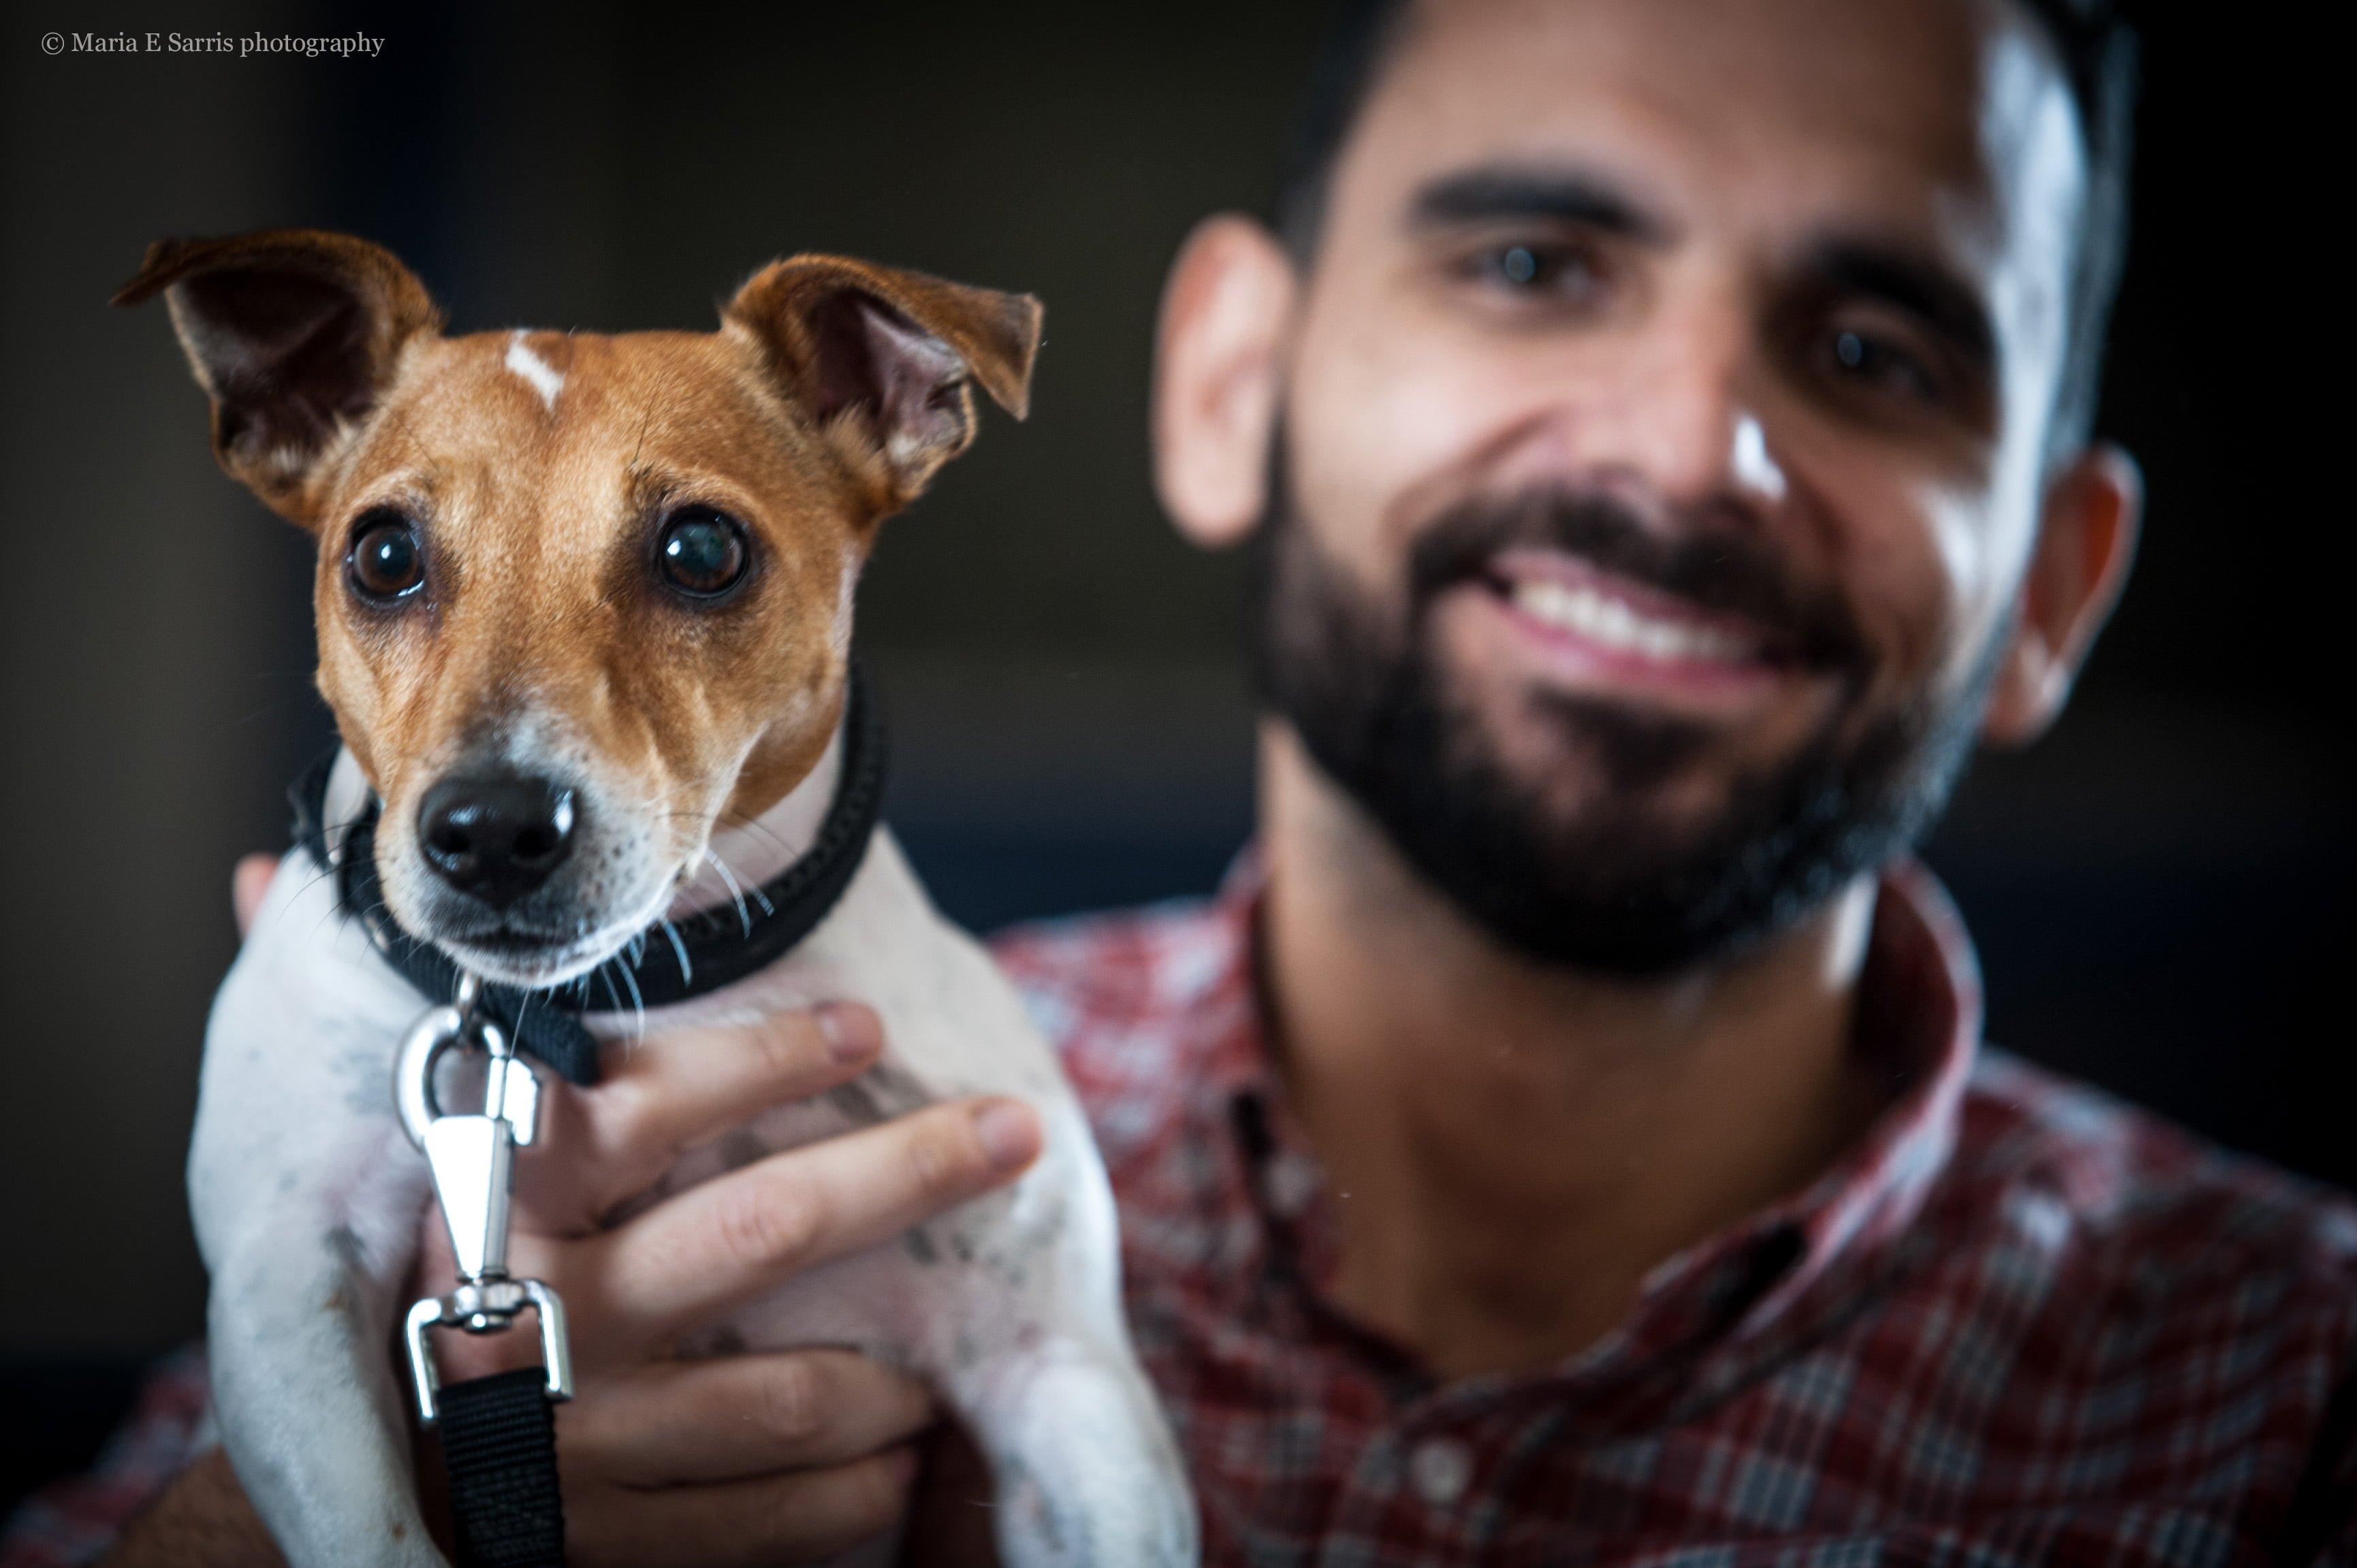 εκπαιδευση σκυλων Χρηστος Κουτσης Dog Project © Maria E Sarris photography 13